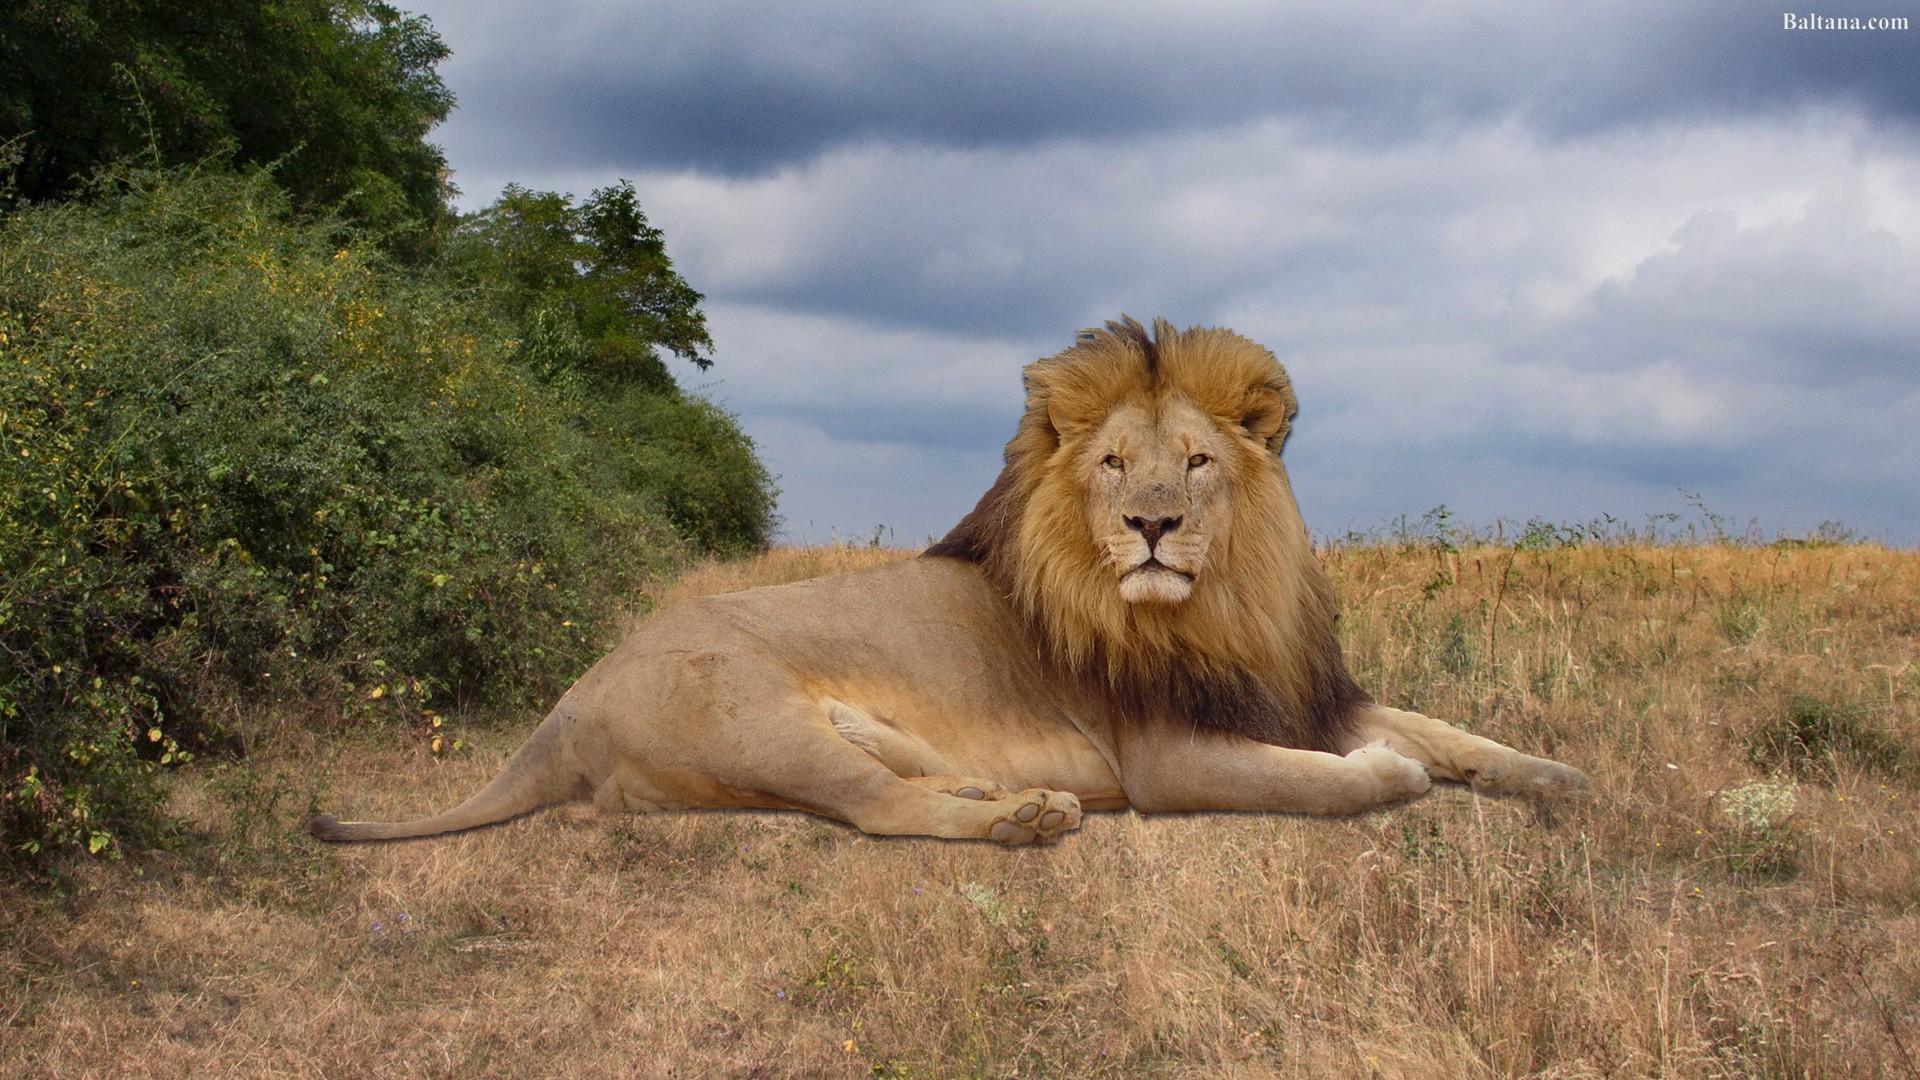 10 104814 lion hd desktop wallpaper lion hd images for